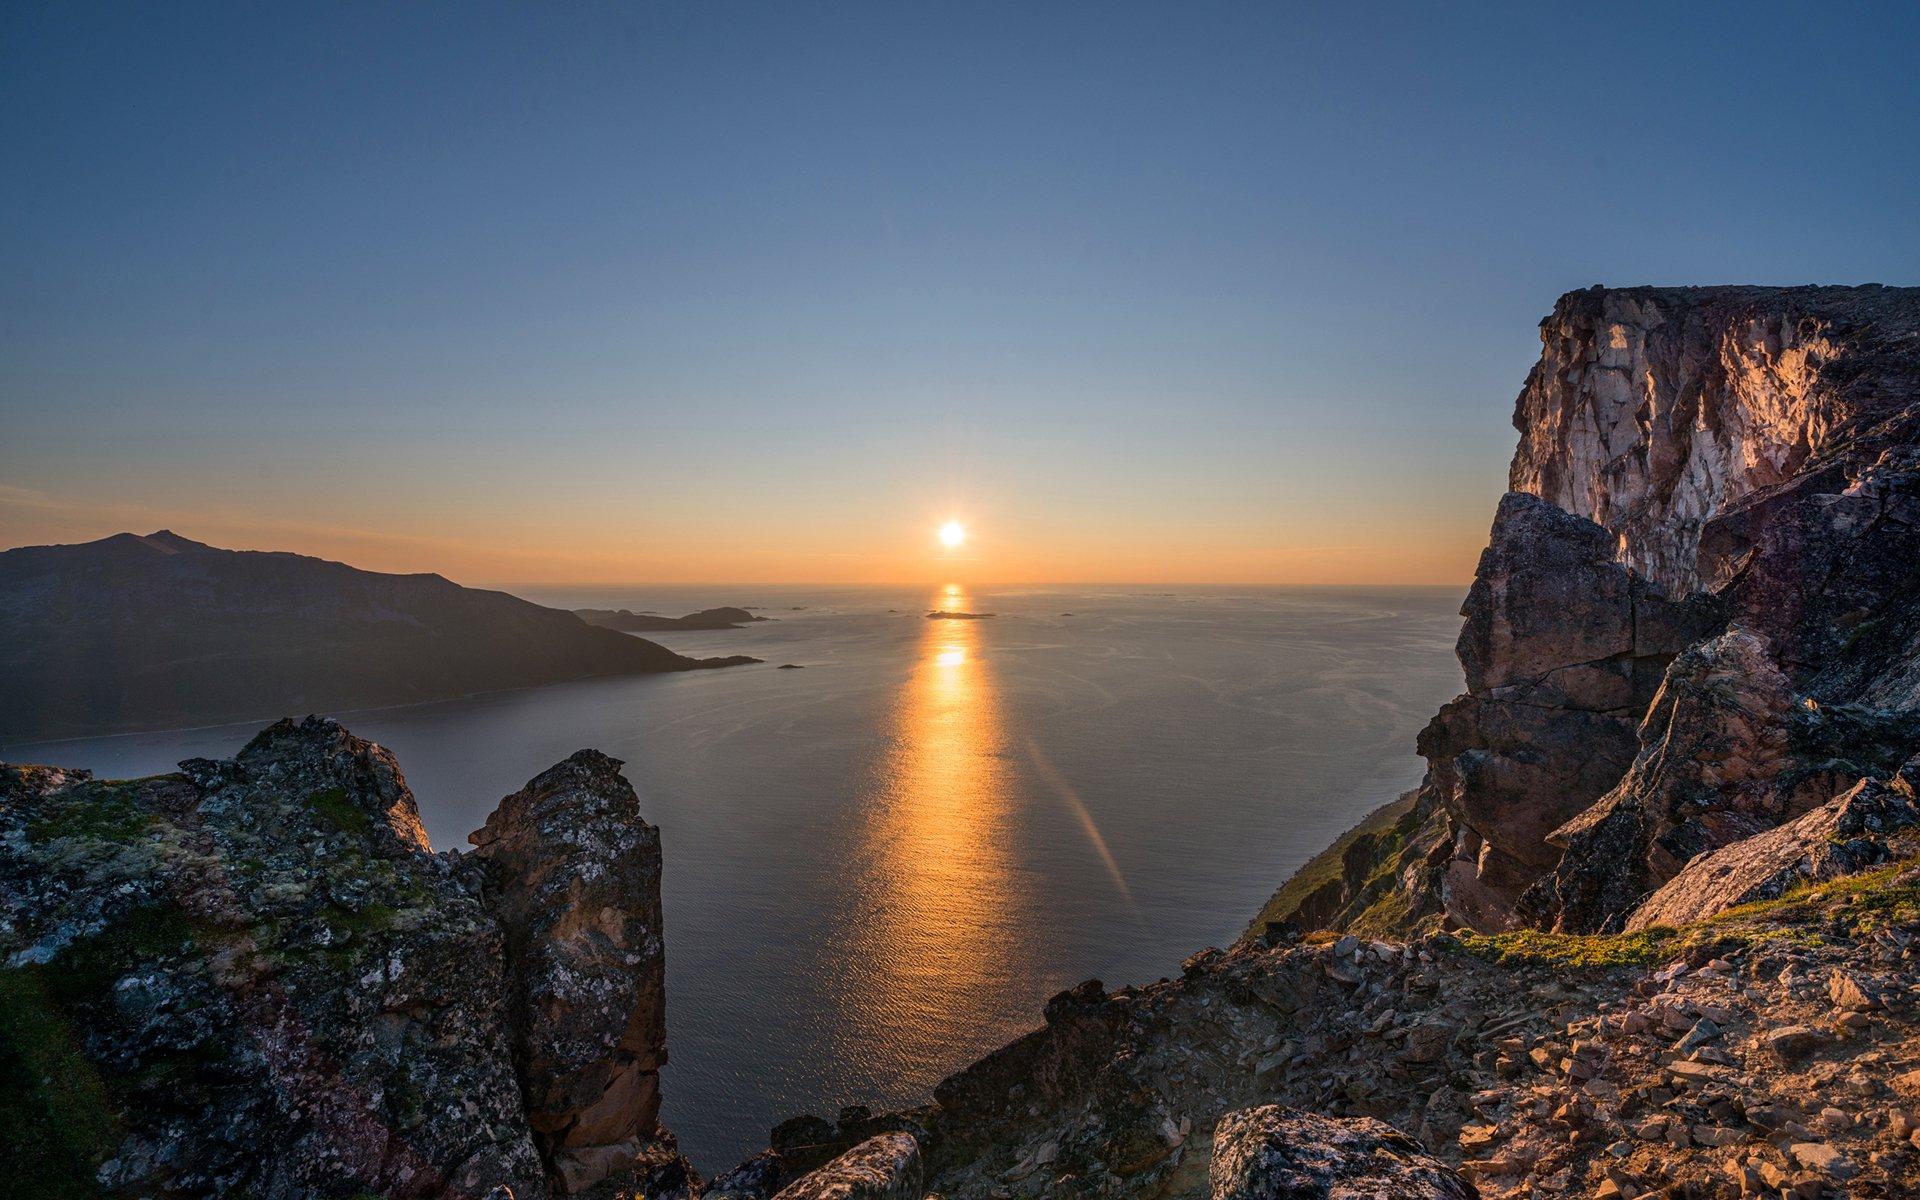 закат море горы скалы  № 1291220 бесплатно